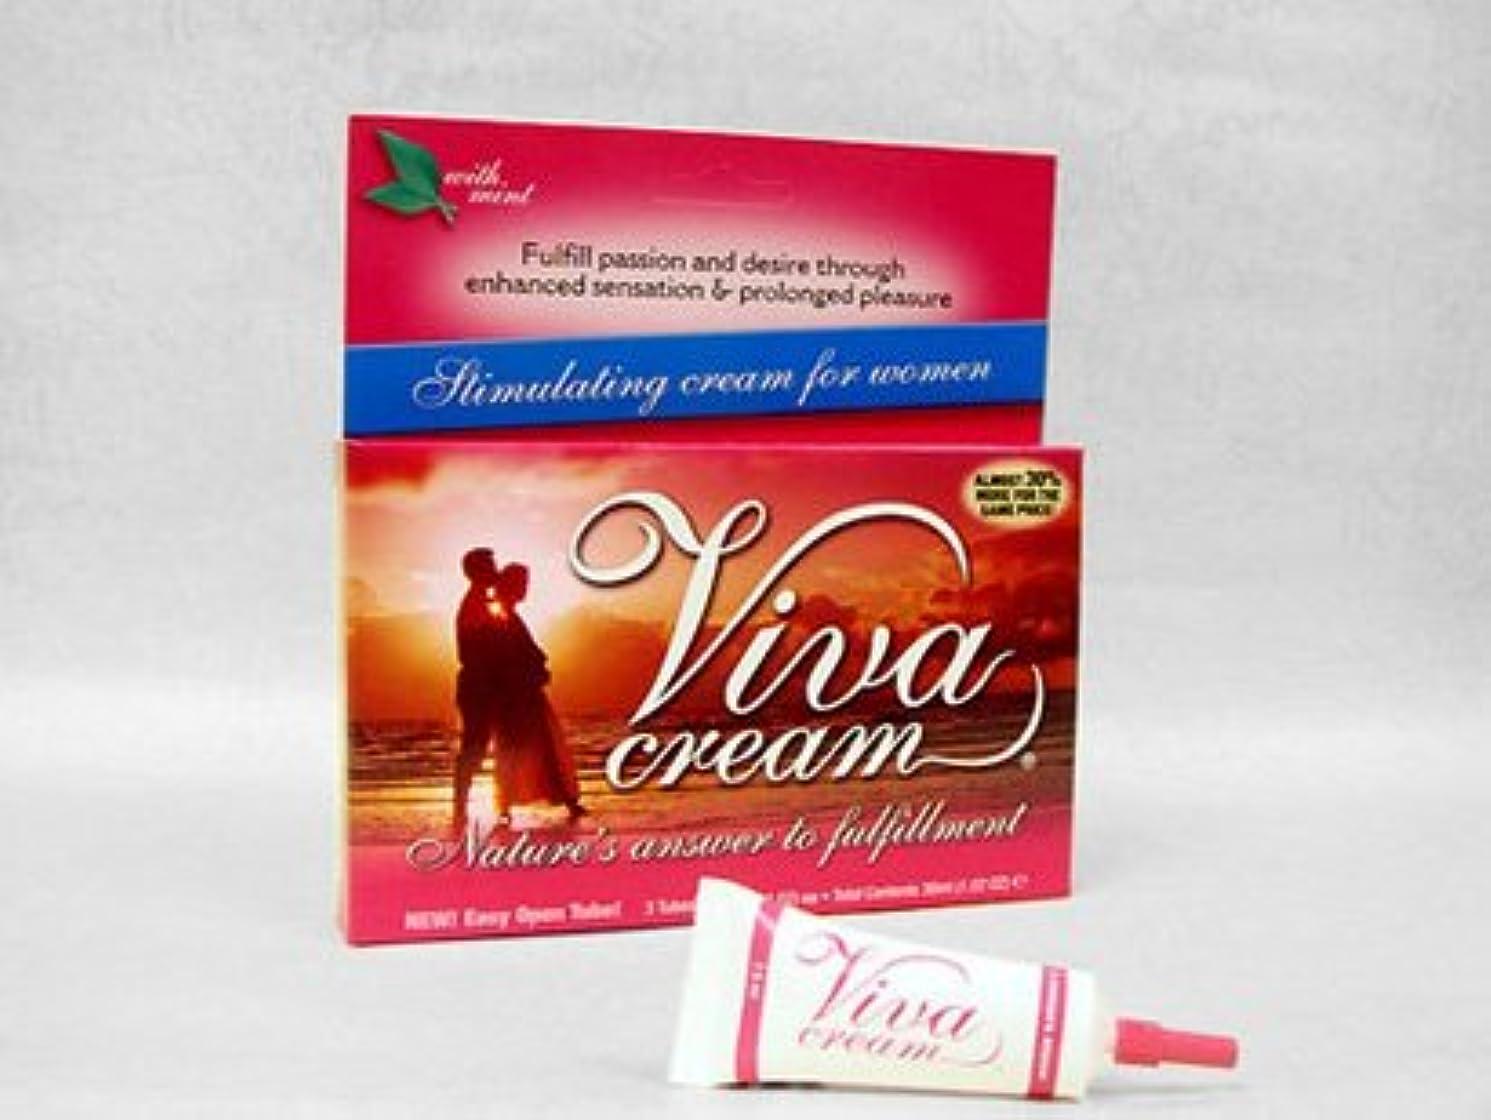 推測する保存華氏ビバクリーム Viva Cream (7.5ml) 6本セット